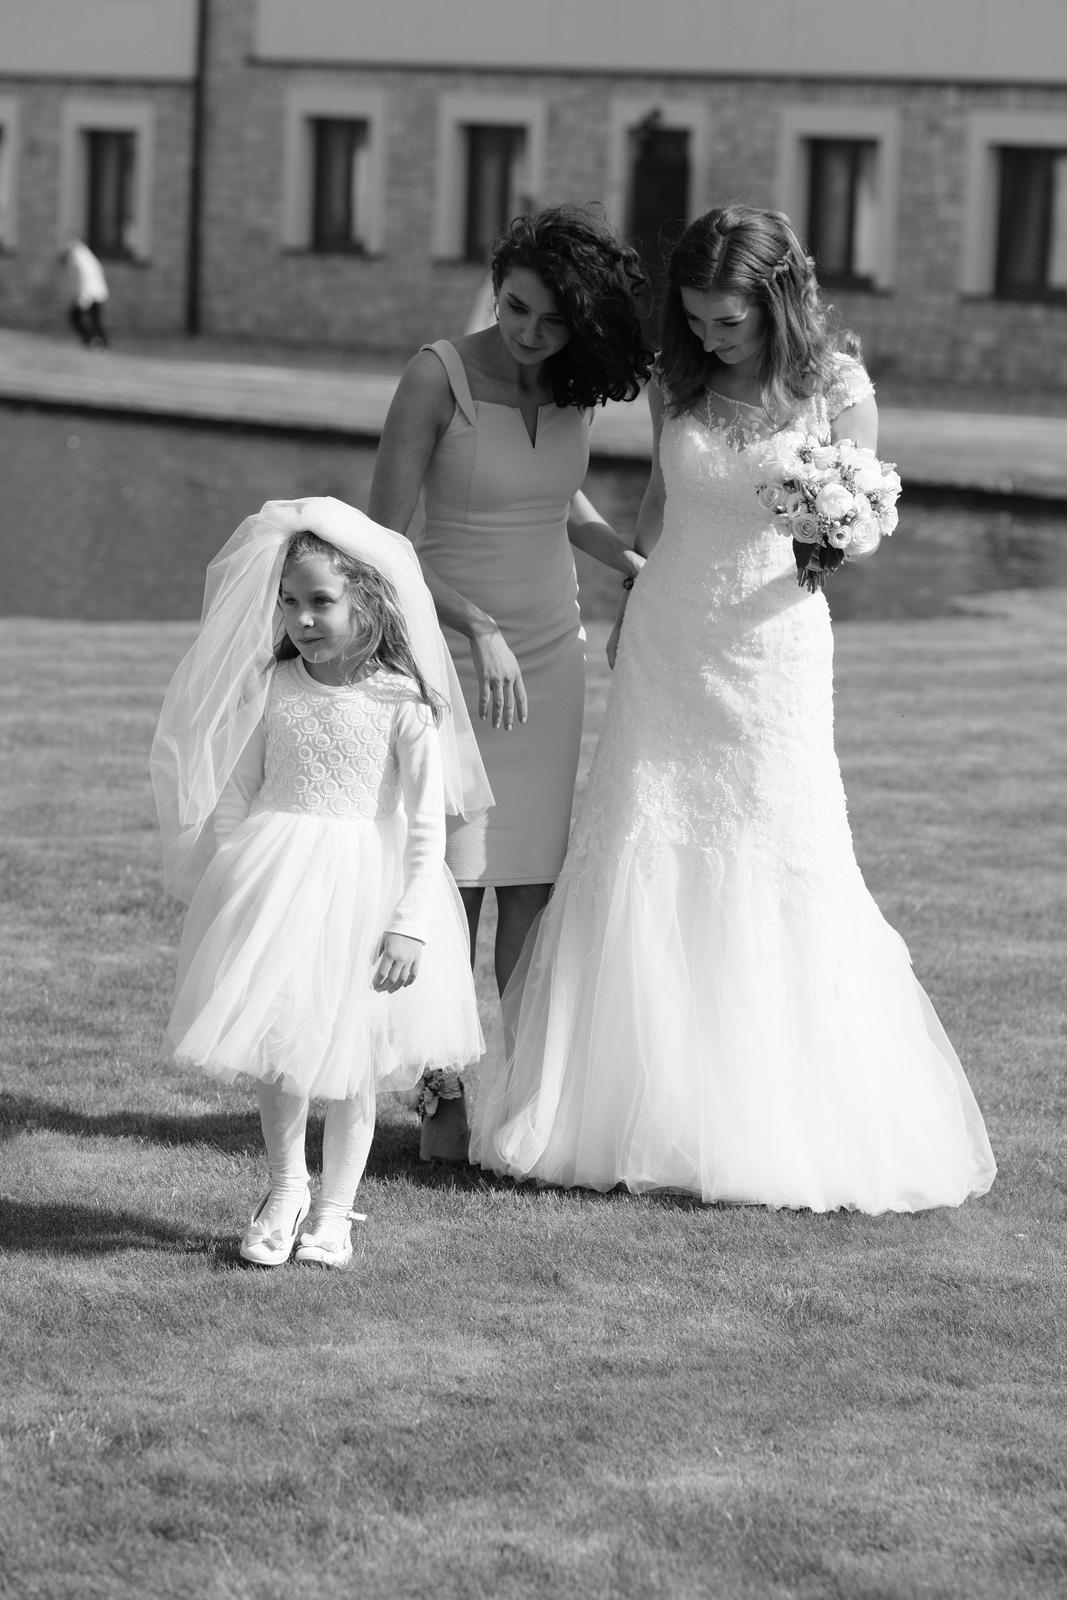 Prodej / Pronájem svatebních šatů  - Obrázek č. 3